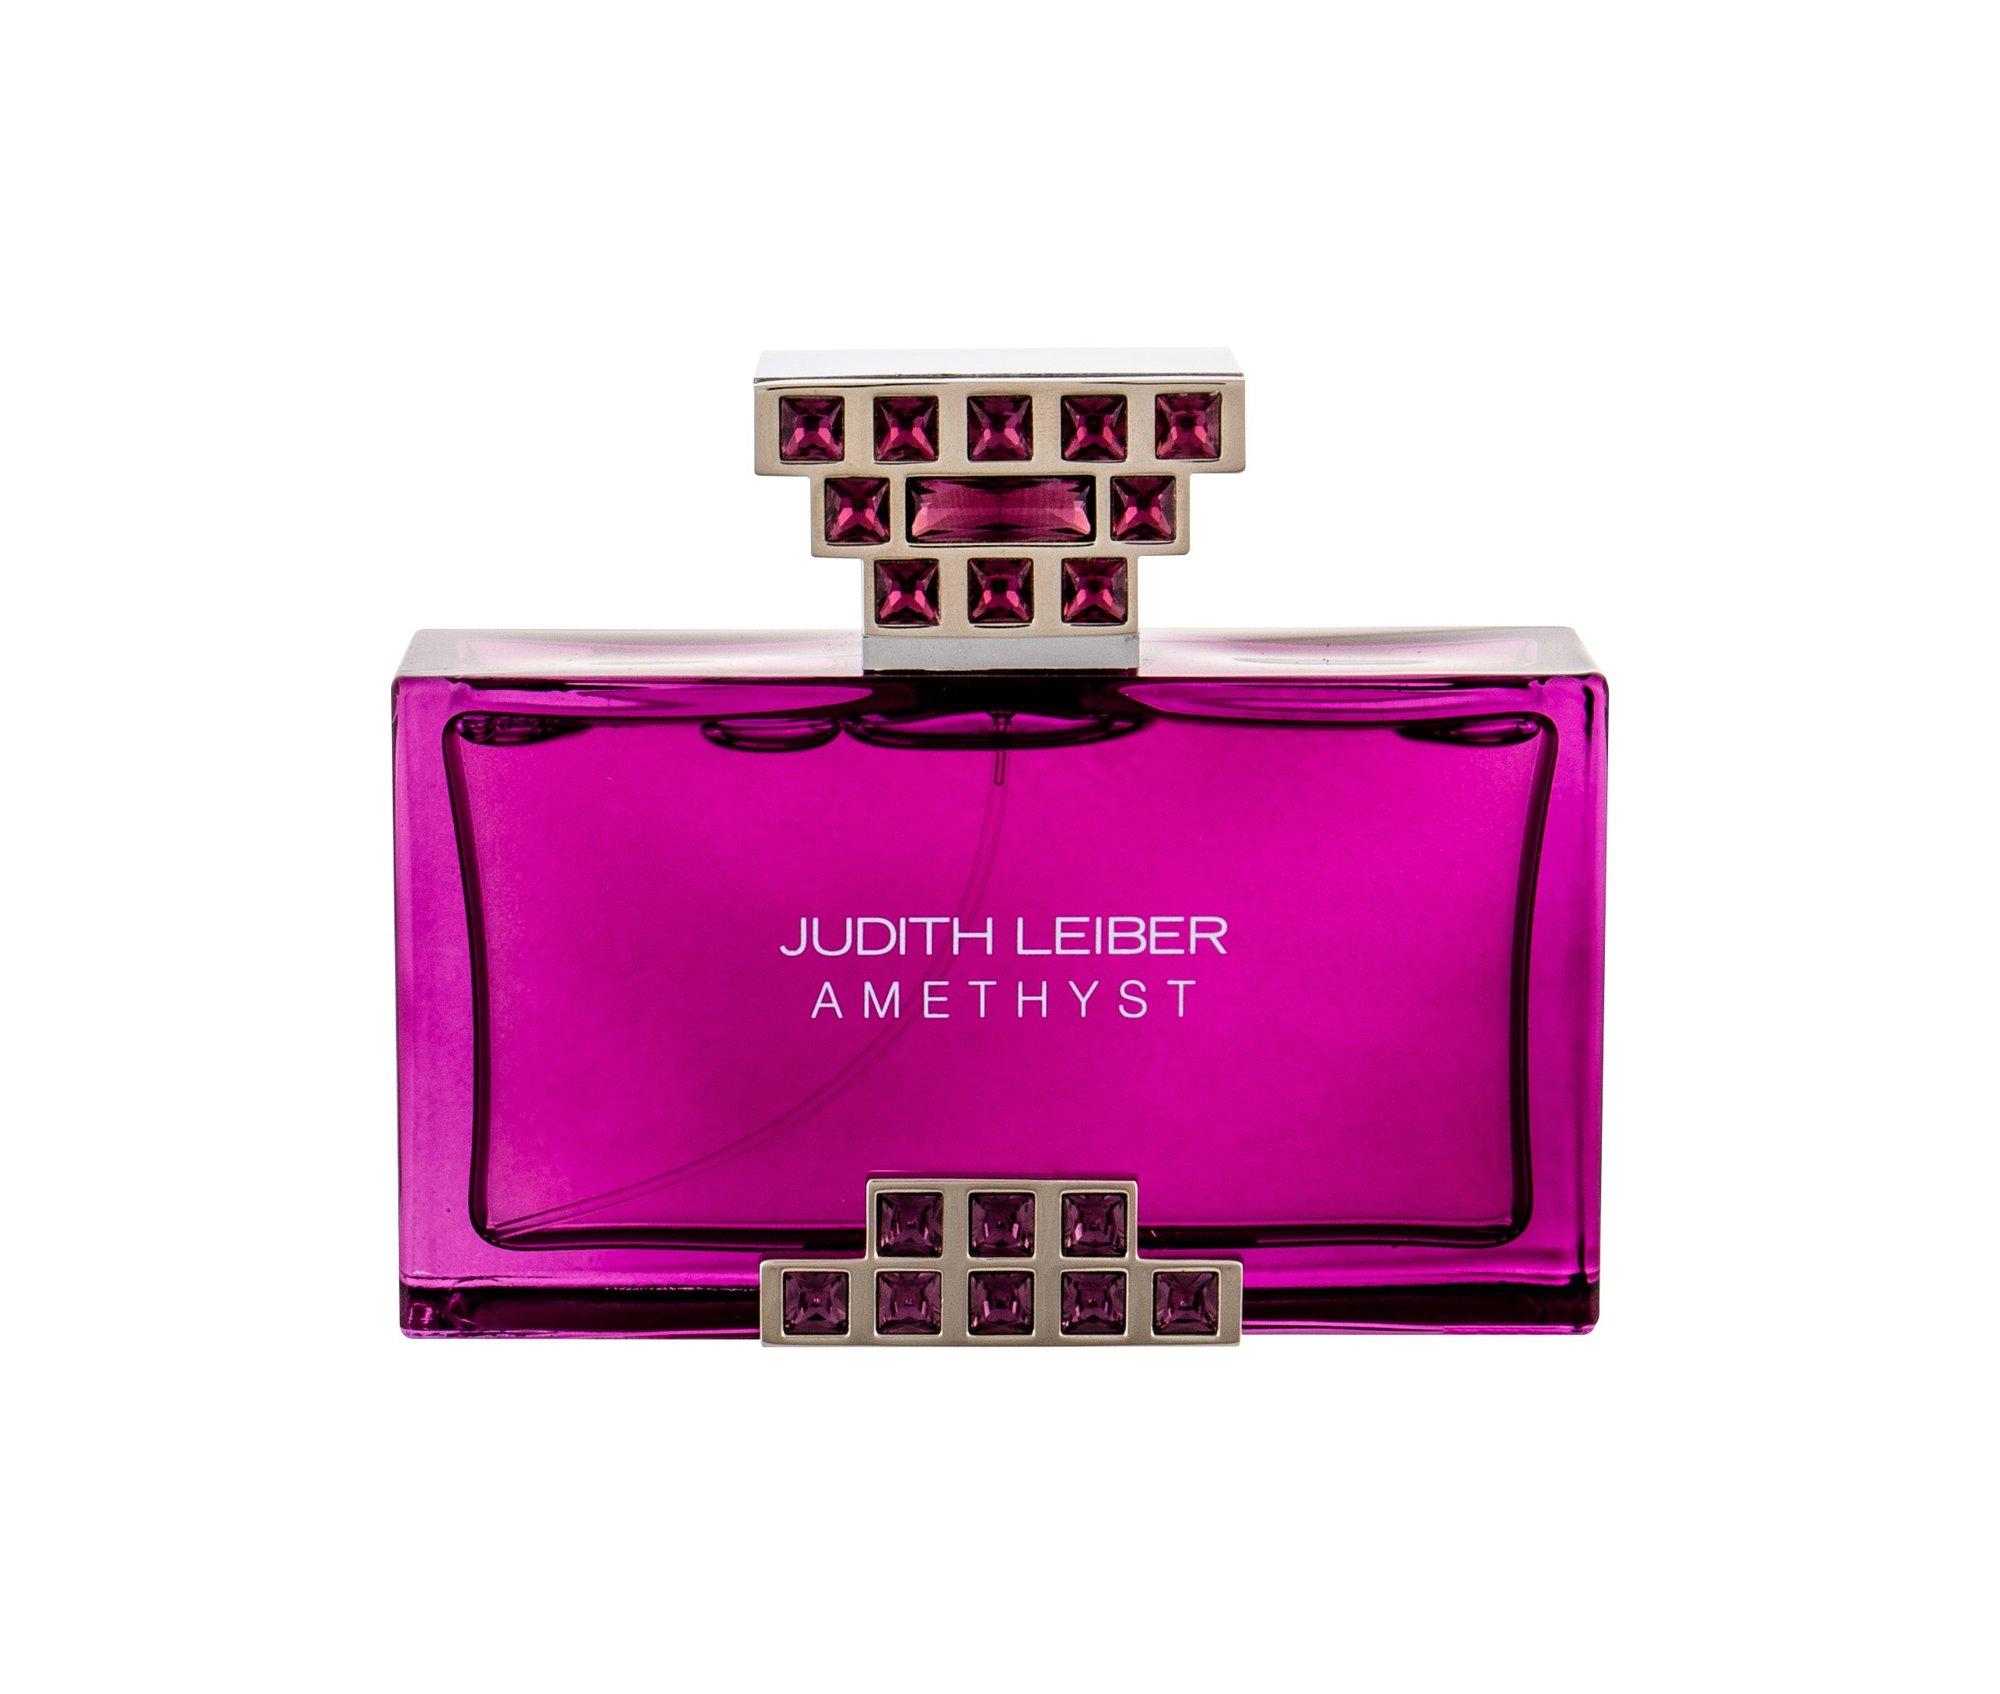 Judith Leiber Amethyst Eau de Parfum 75ml